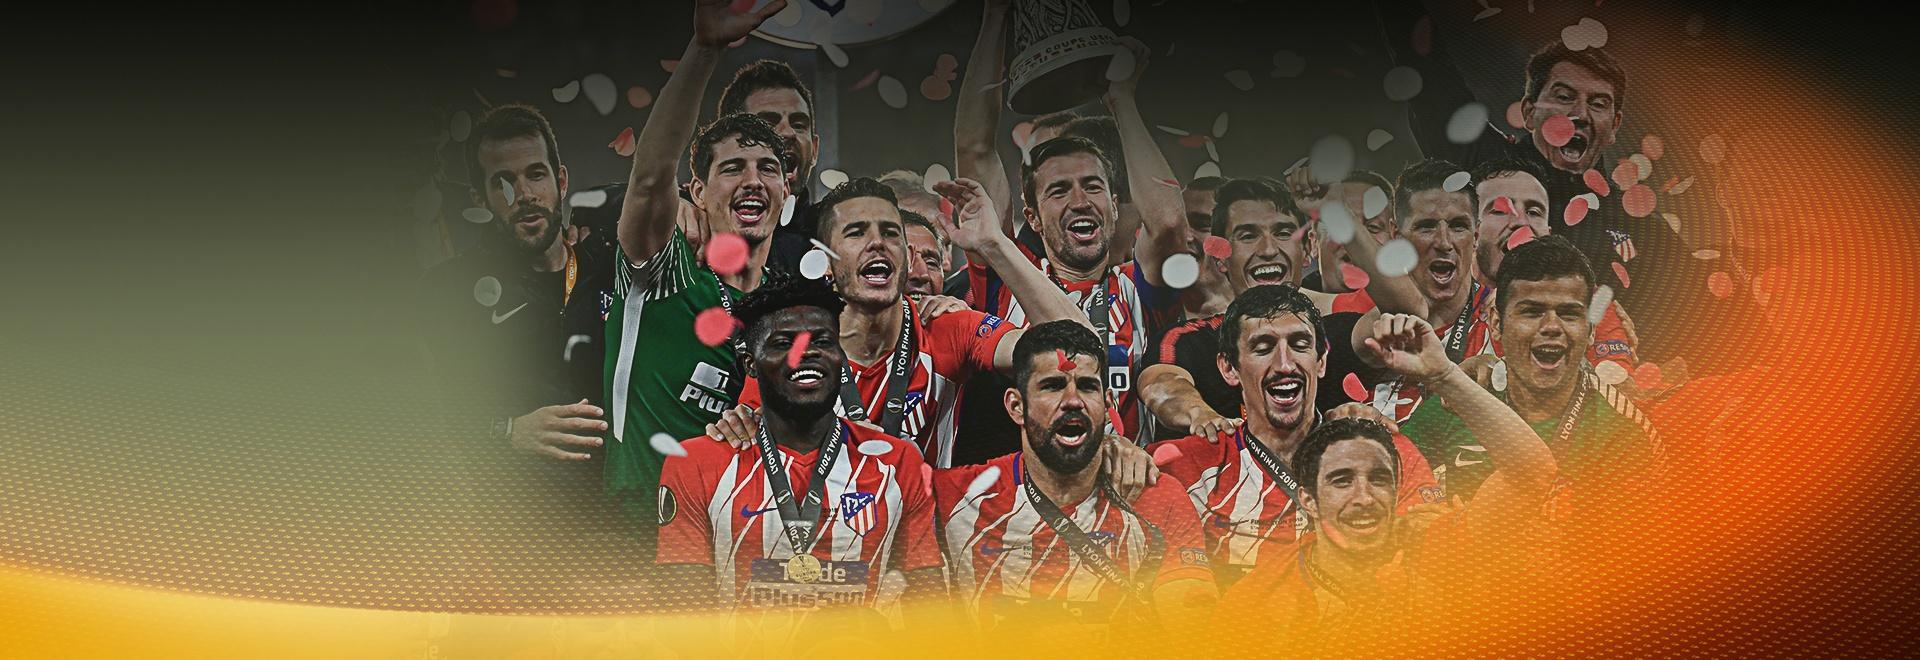 Europa League: The winner is